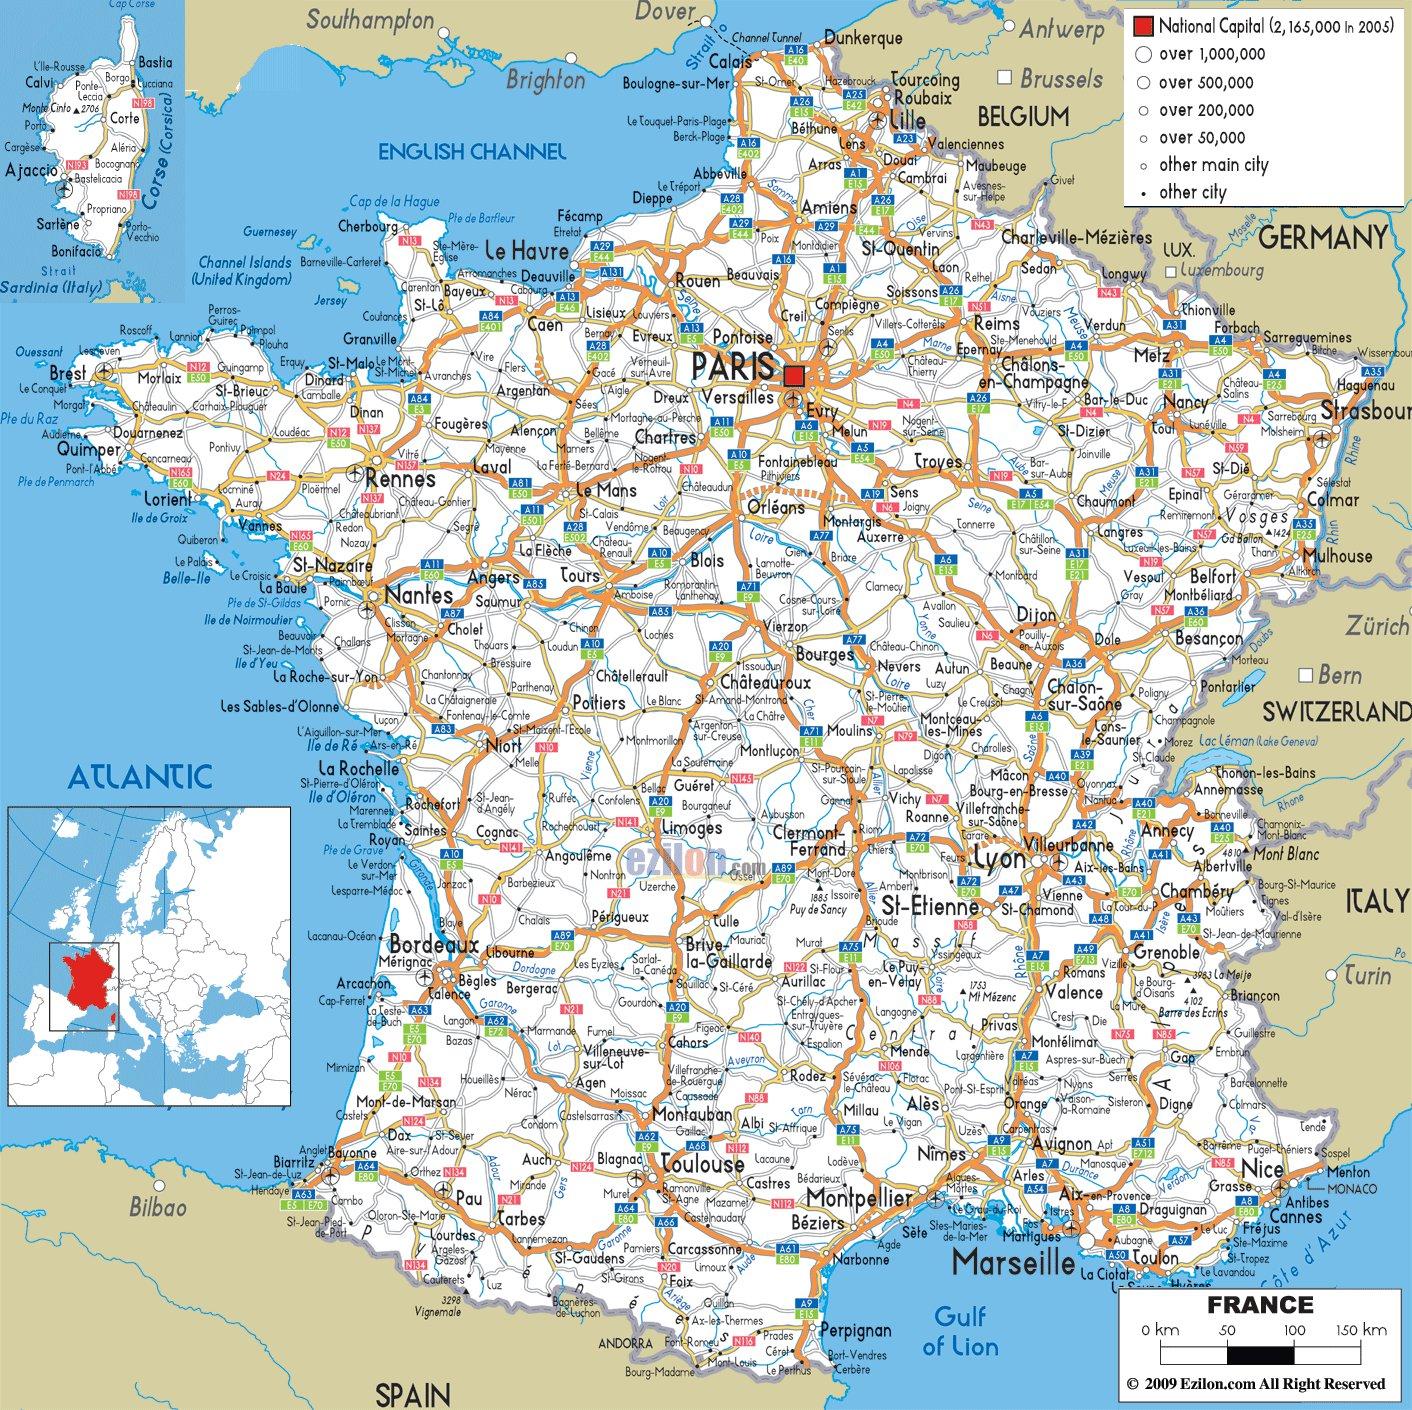 Карты Франции. Подробная карта Франции на русском языке с ...: http://www.saletur.ru/%D0%A4%D1%80%D0%B0%D0%BD%D1%86%D0%B8%D1%8F/maps/